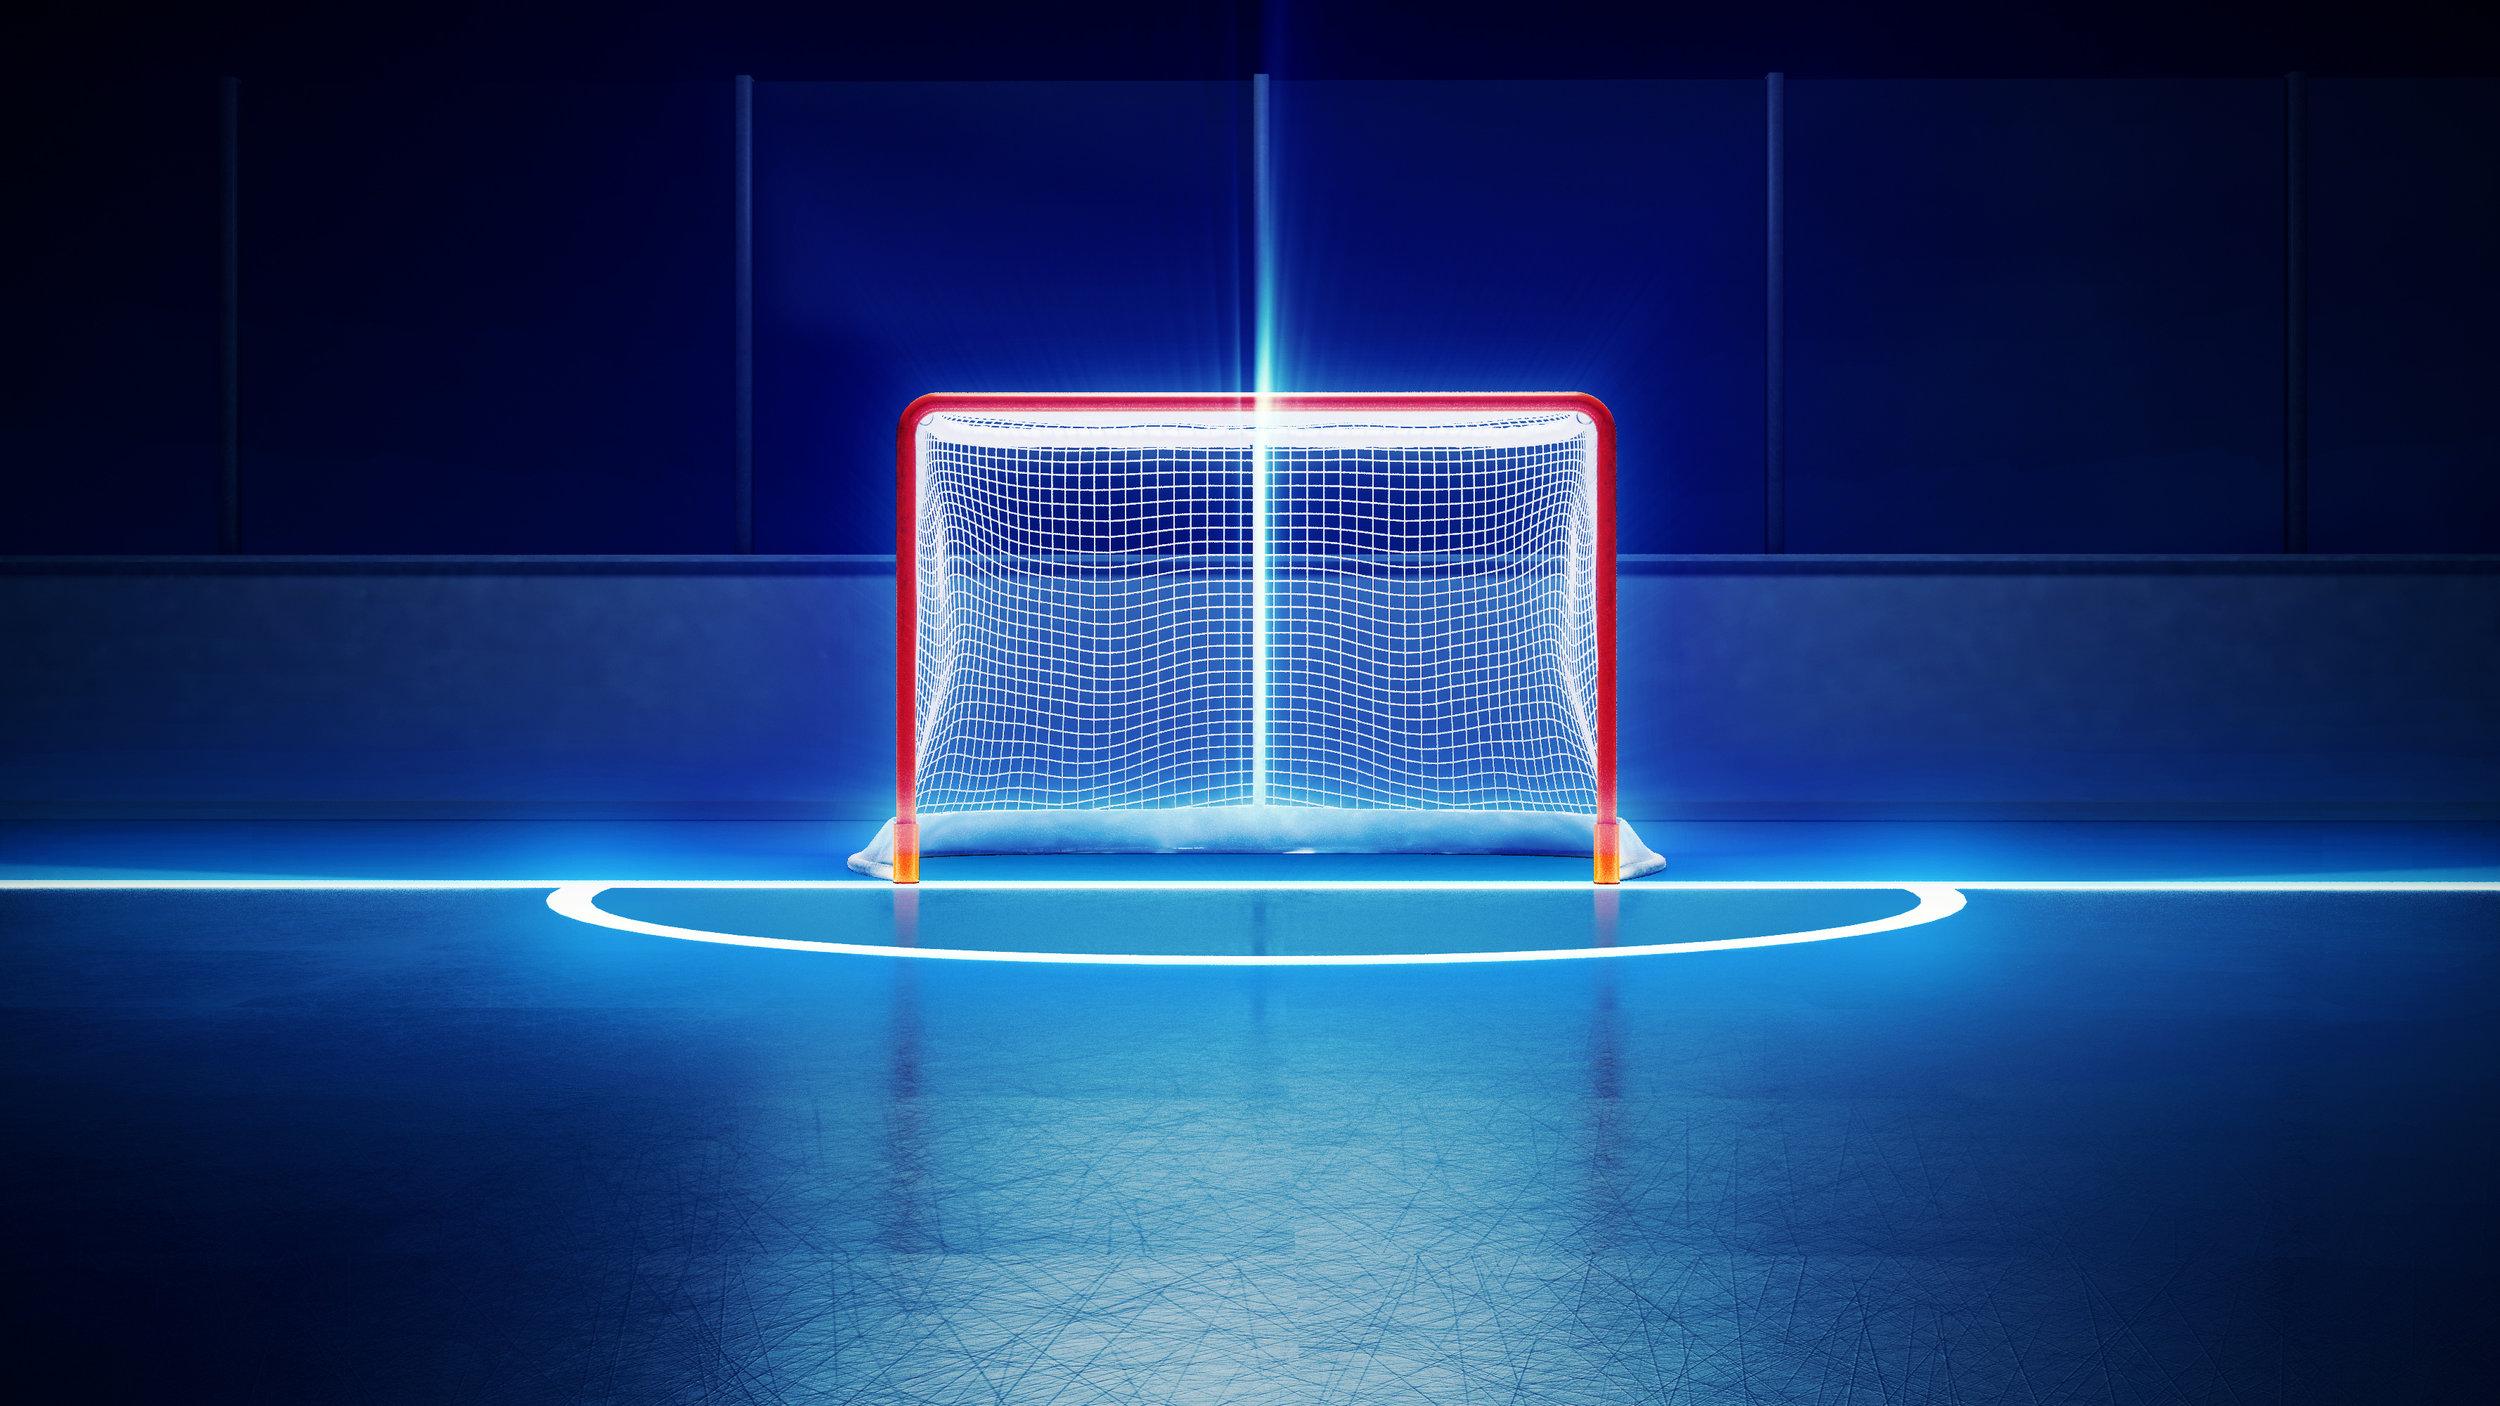 NHL-resor - Följ med på någon av våra gruppresor eller åk på egen hand.